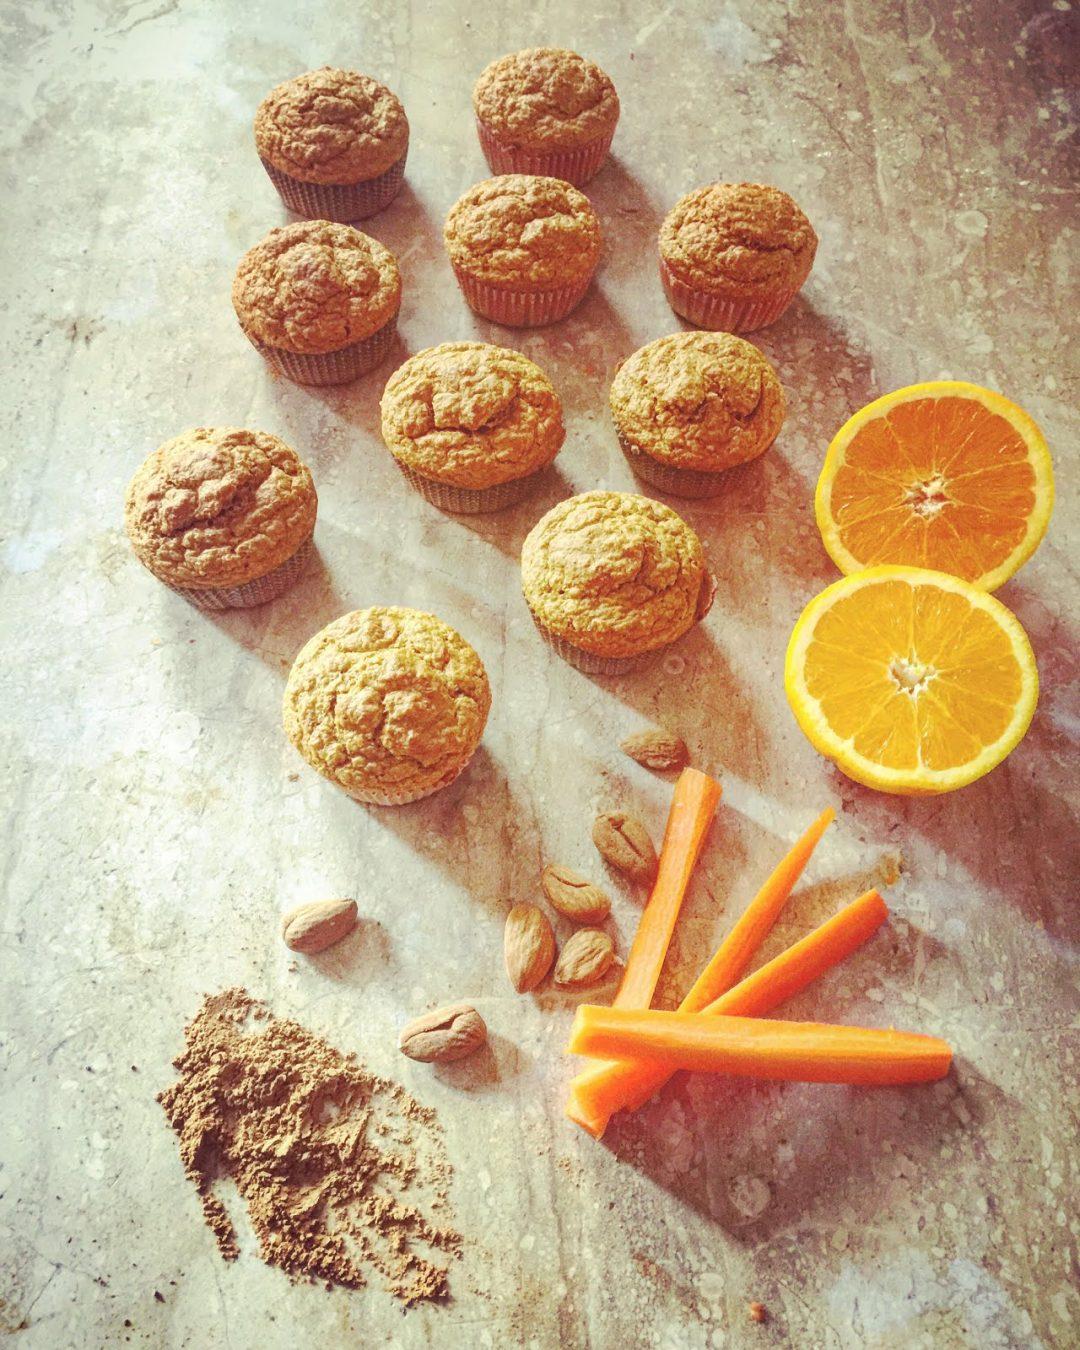 muffins con arance, carote, mandorle e cannella